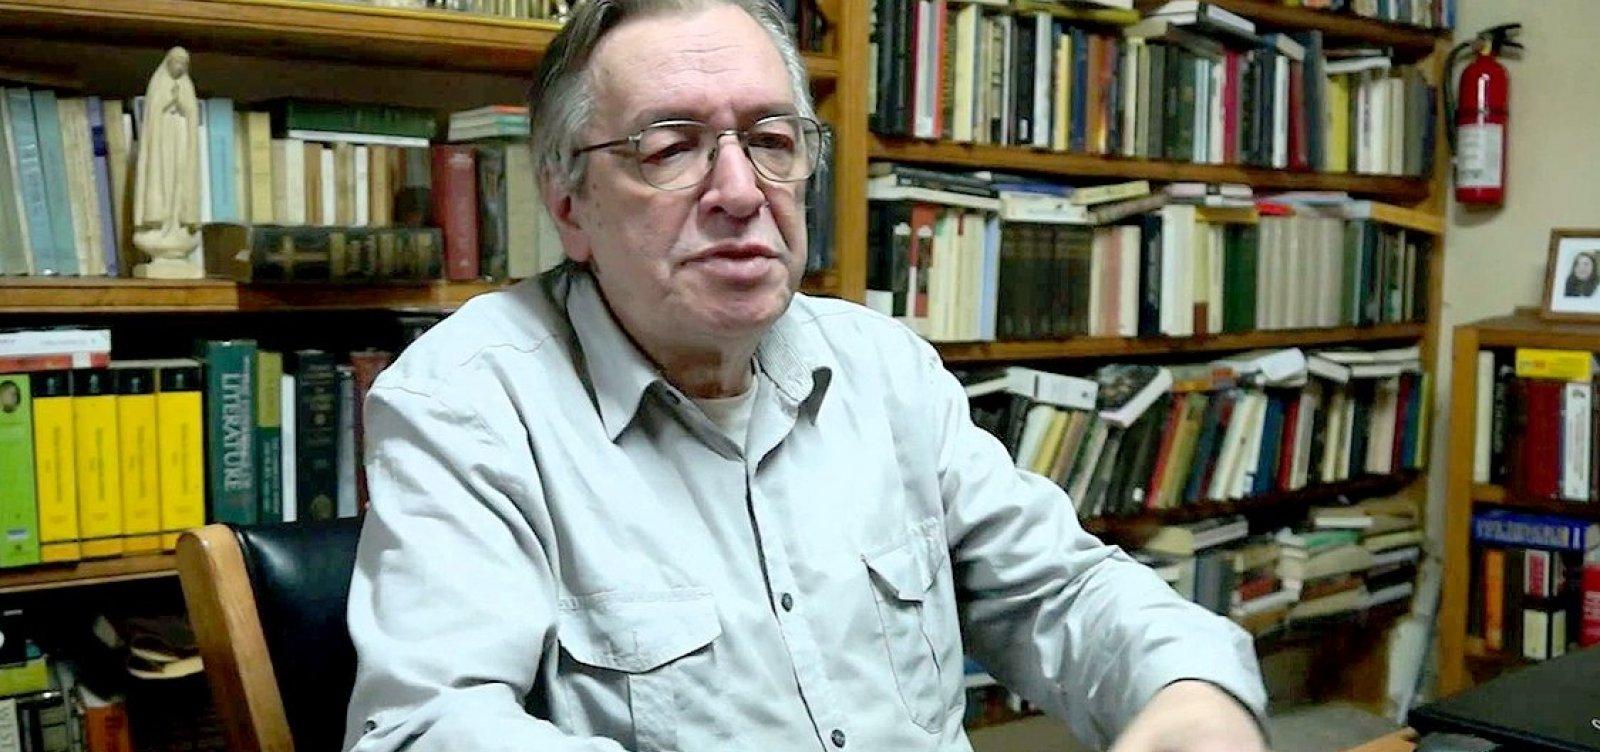 Olavo de Carvalho se oferece para ser embaixador em governo Bolsonaro